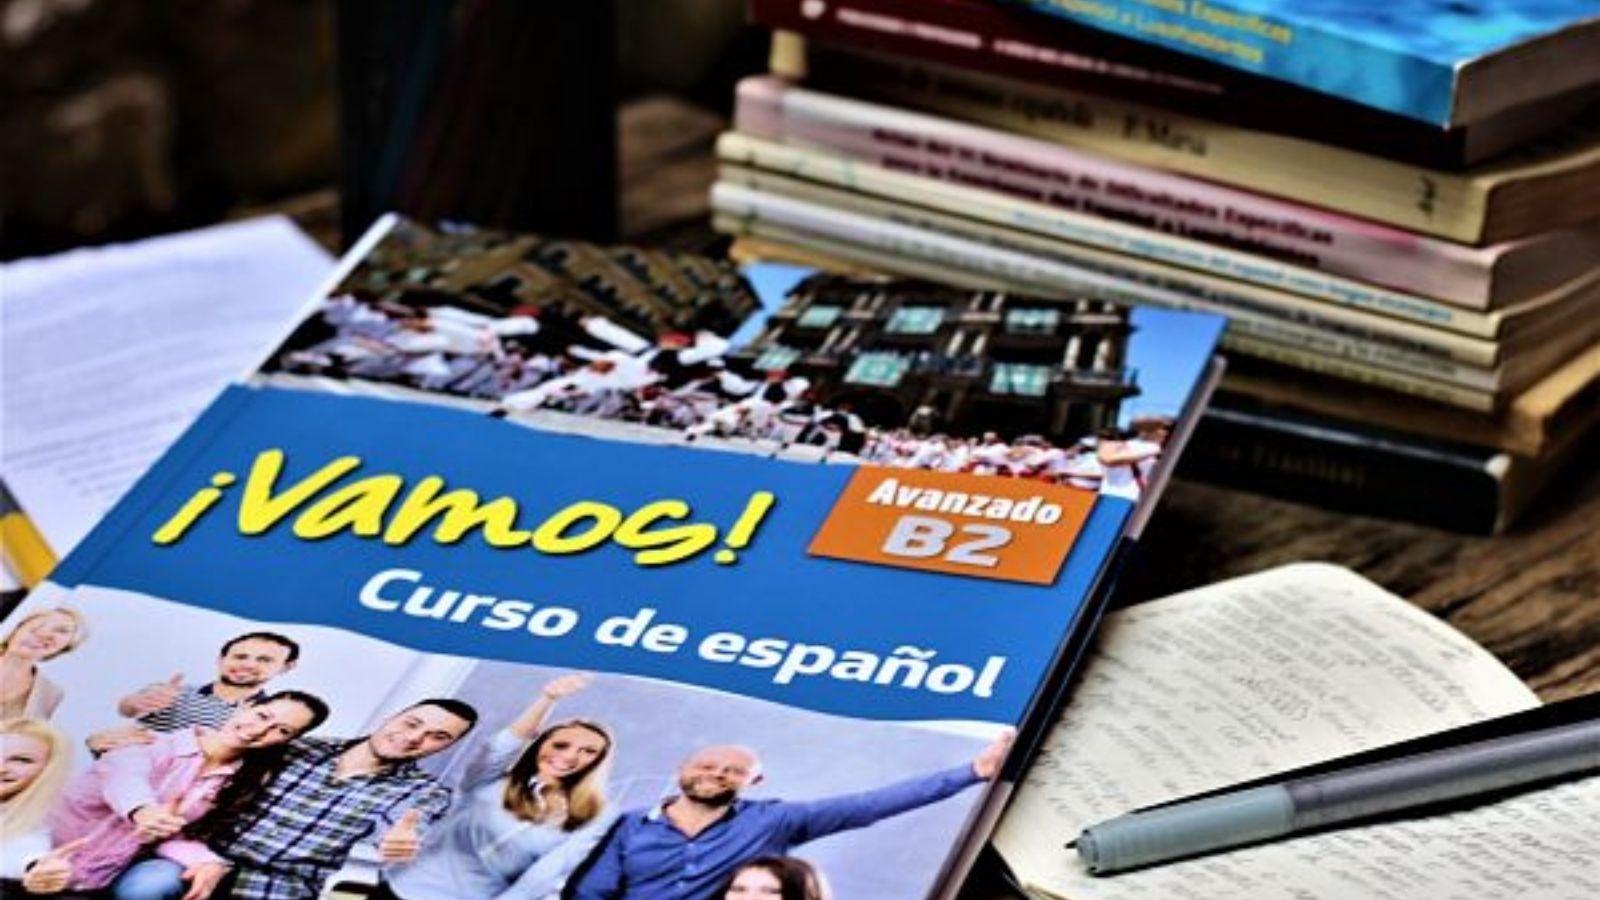 https://www.espanaaqui.com.br/pdf/janeiro%202021/sem%20nome.%20b2.jpg